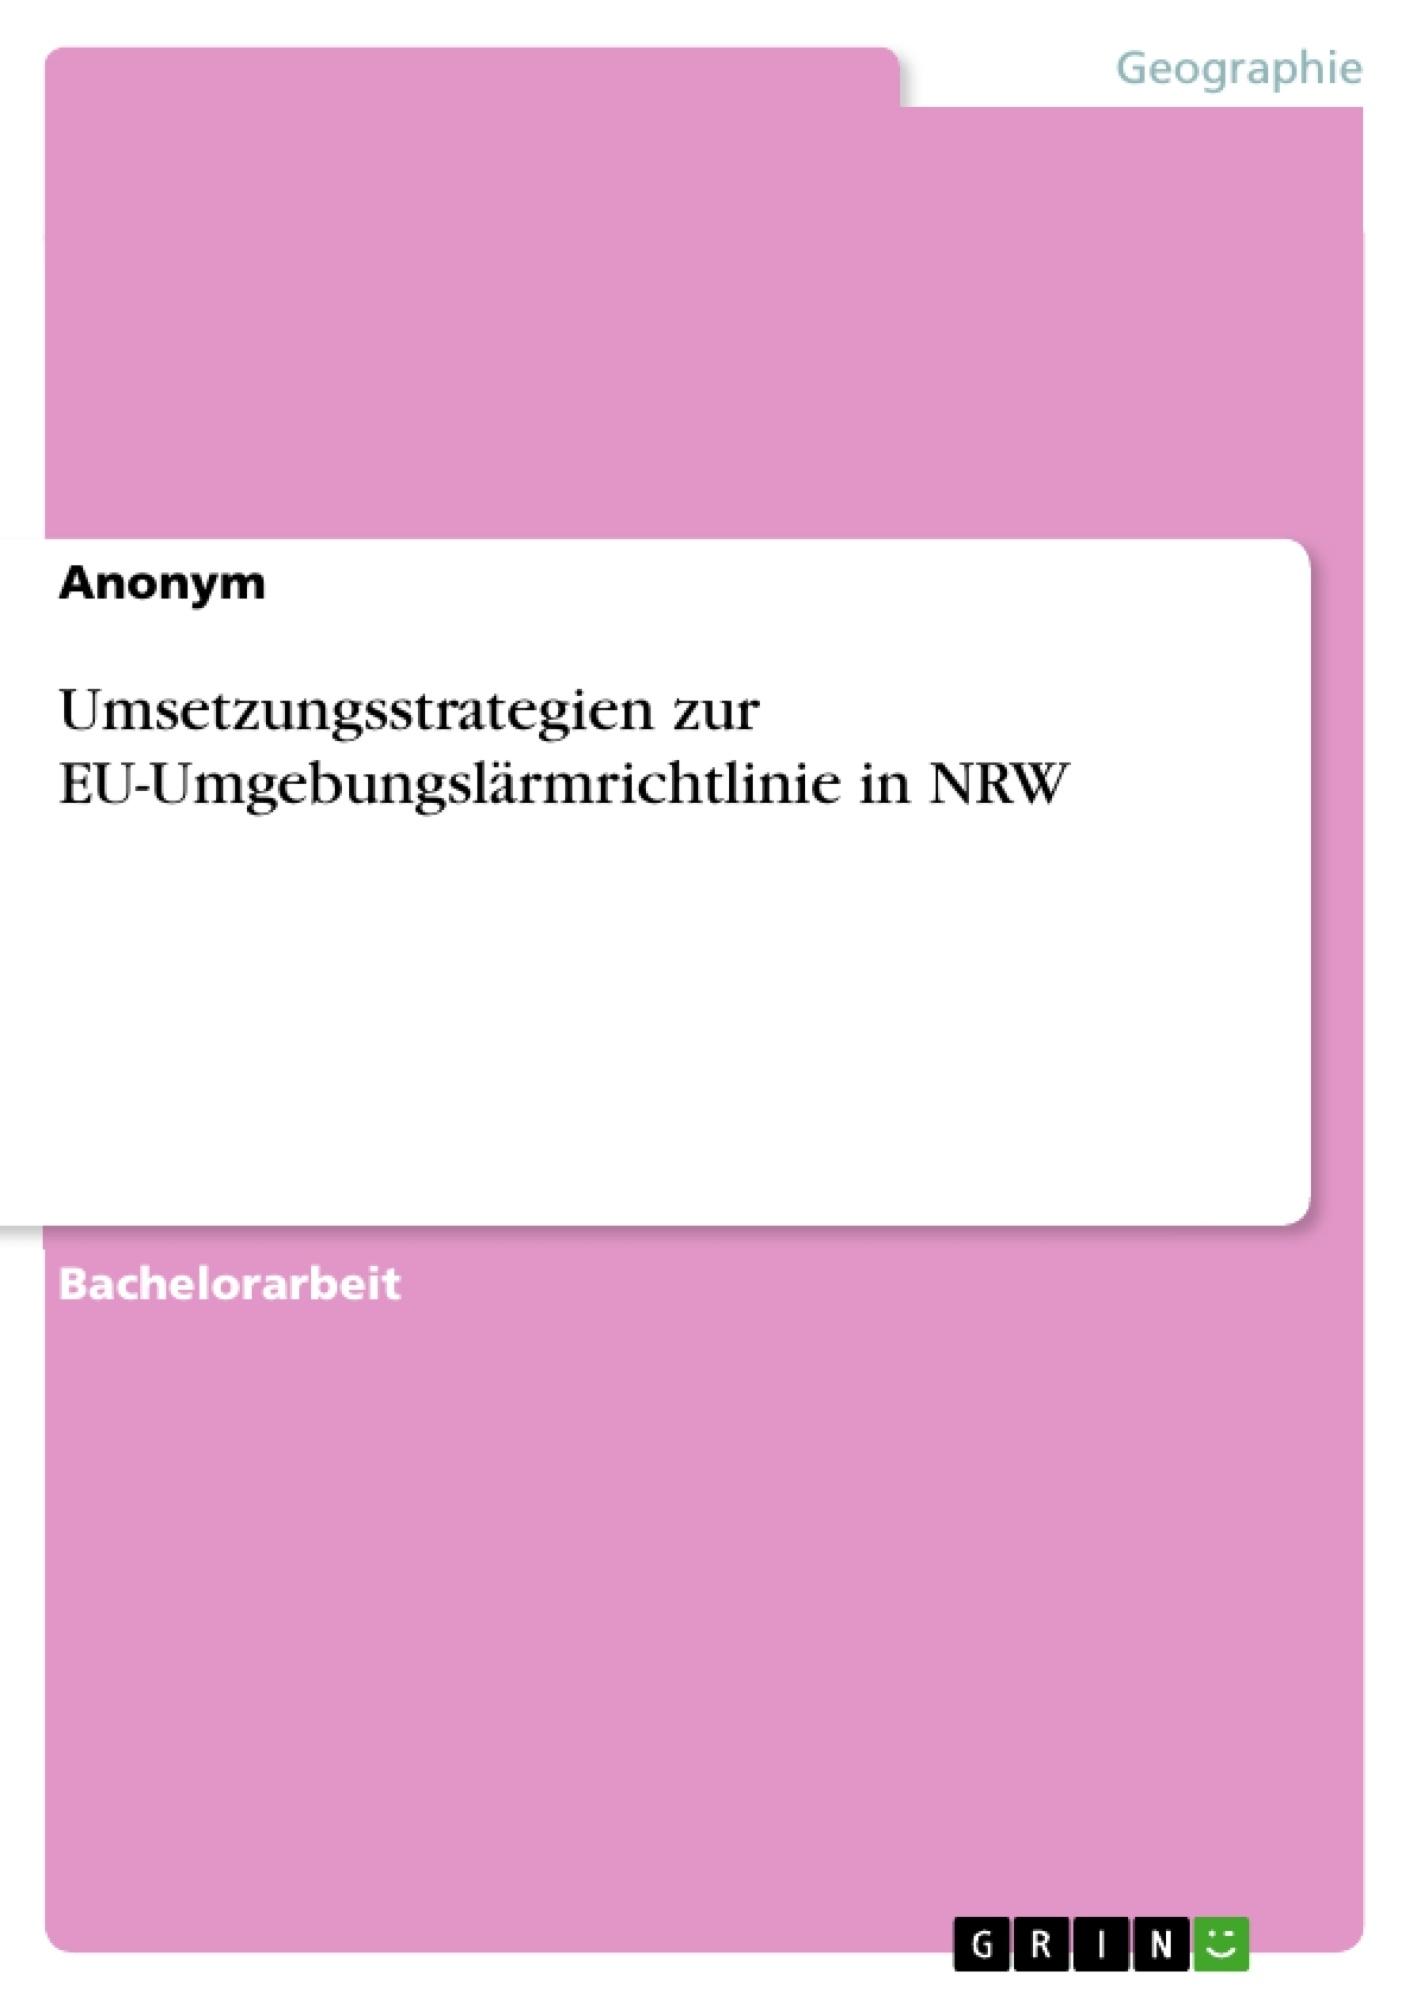 Titel: Umsetzungsstrategien zur EU-Umgebungslärmrichtlinie in NRW